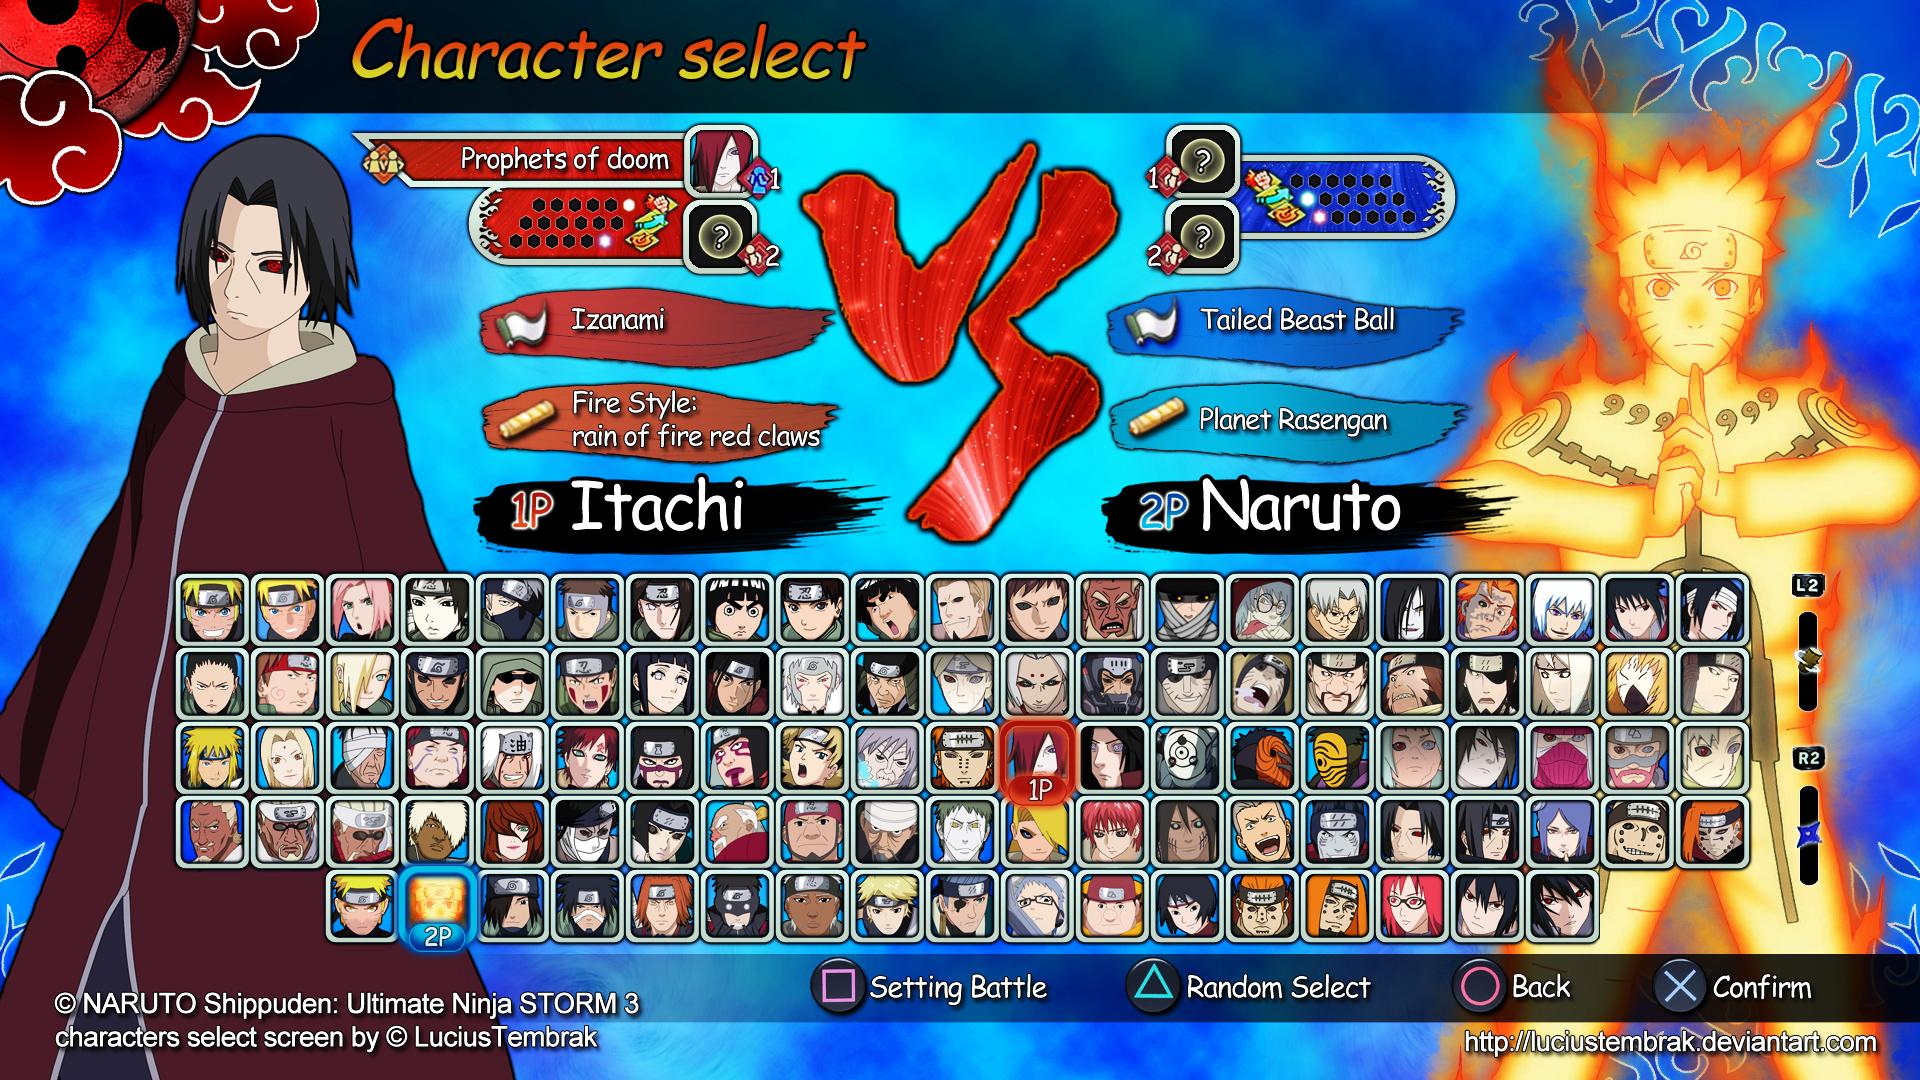 PS3 Naruto Ultimate Ninja Storm 3